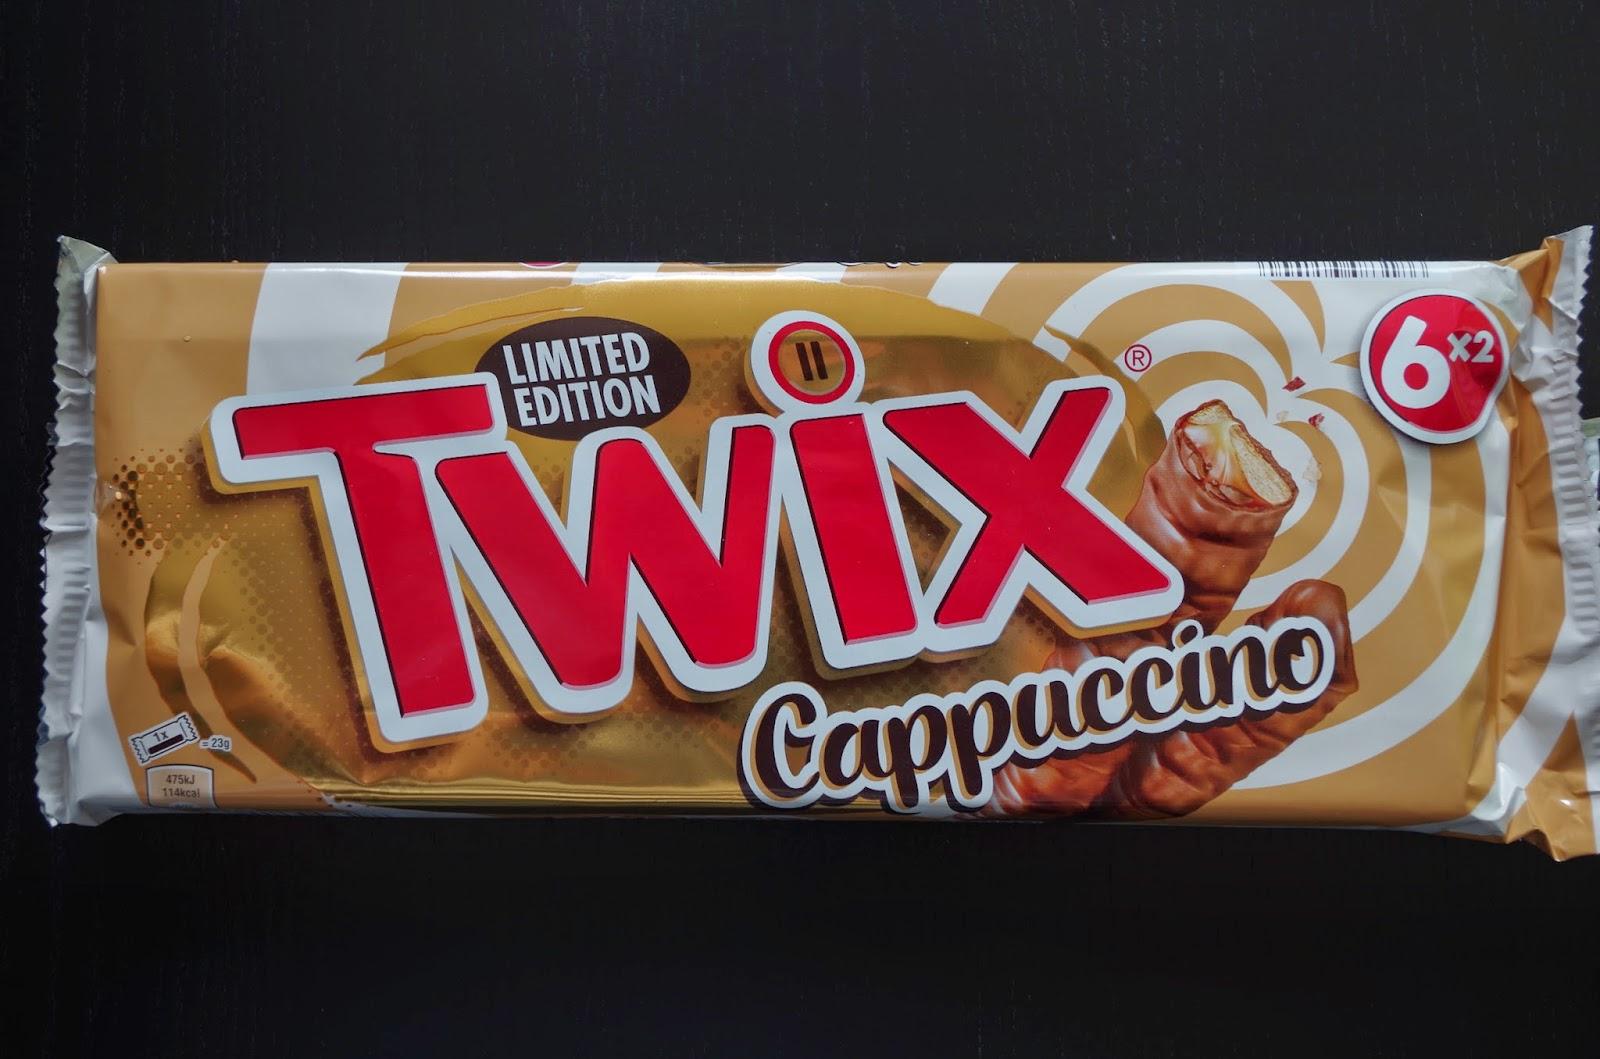 Limited Edition, Süßigkeiten